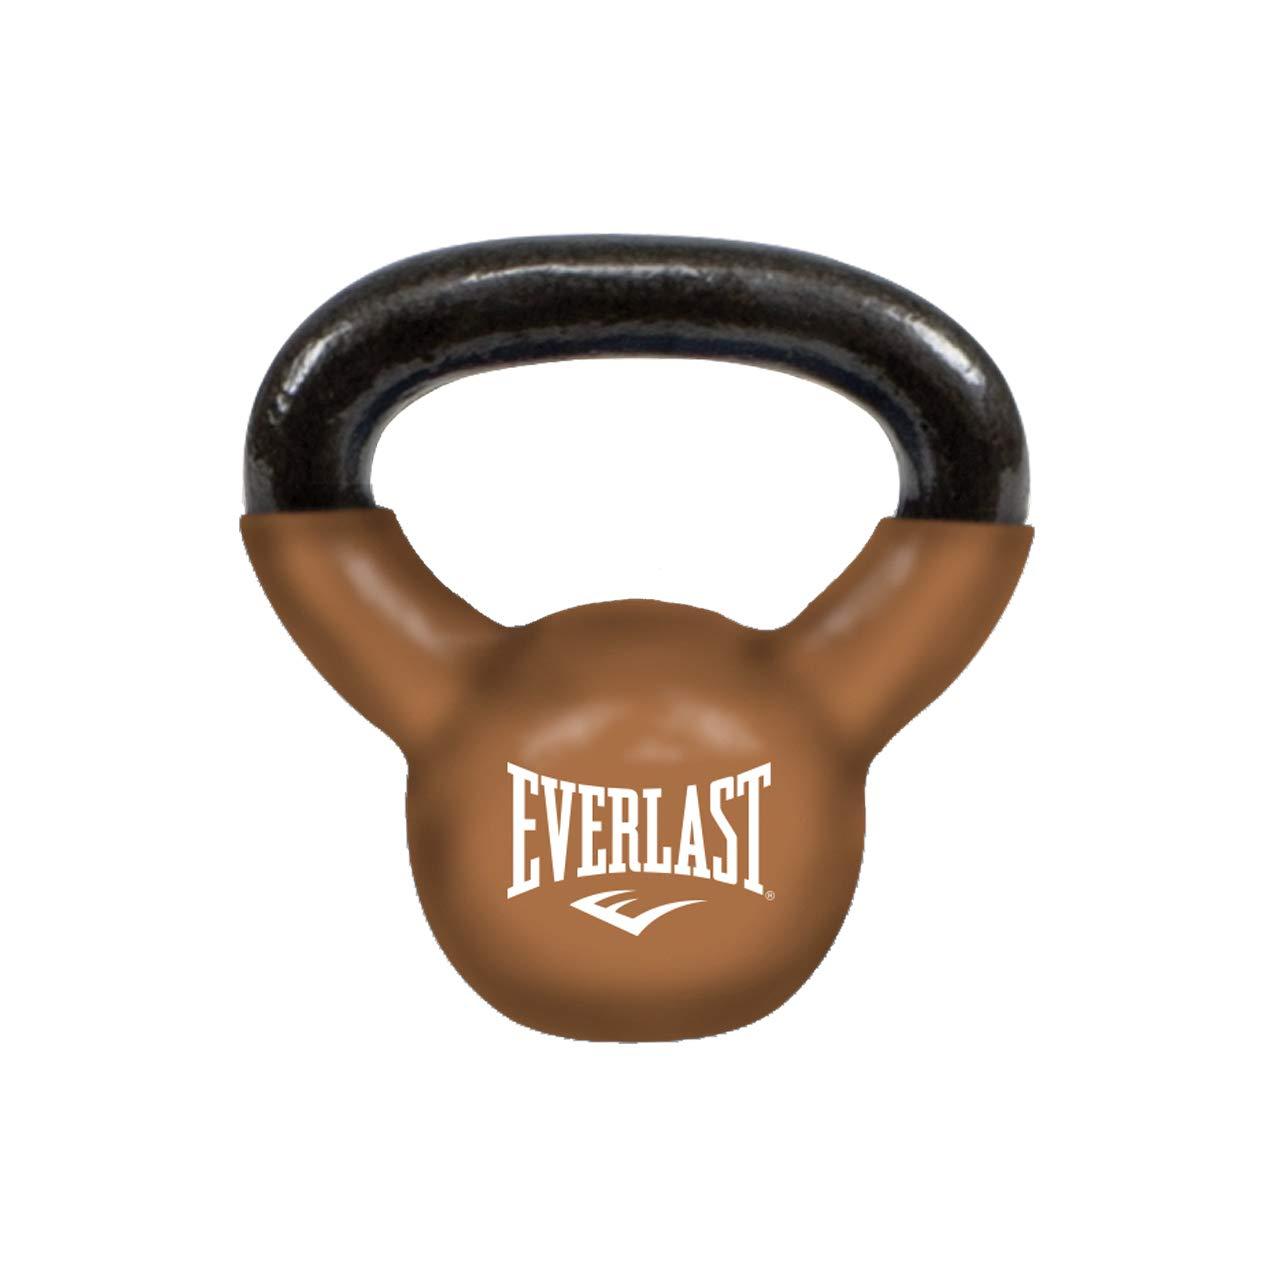 Everlast New 10 lb Vinyl Dipped Kettlebell